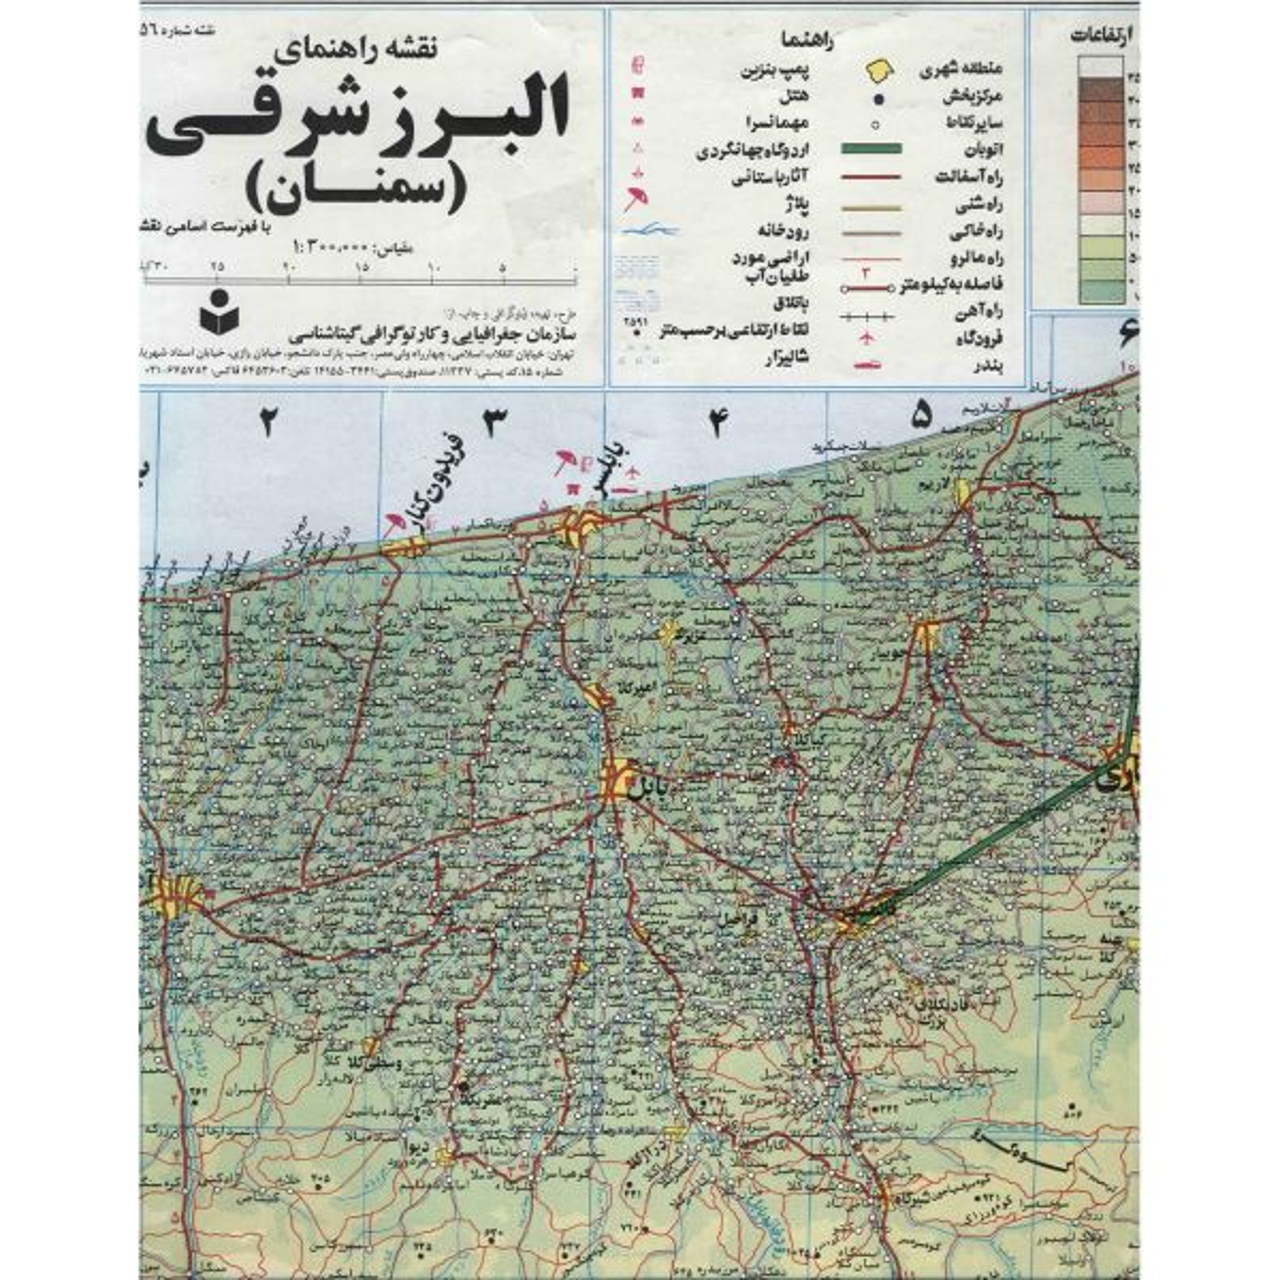 نقشه راهنمای البرز شرقی، سمنان